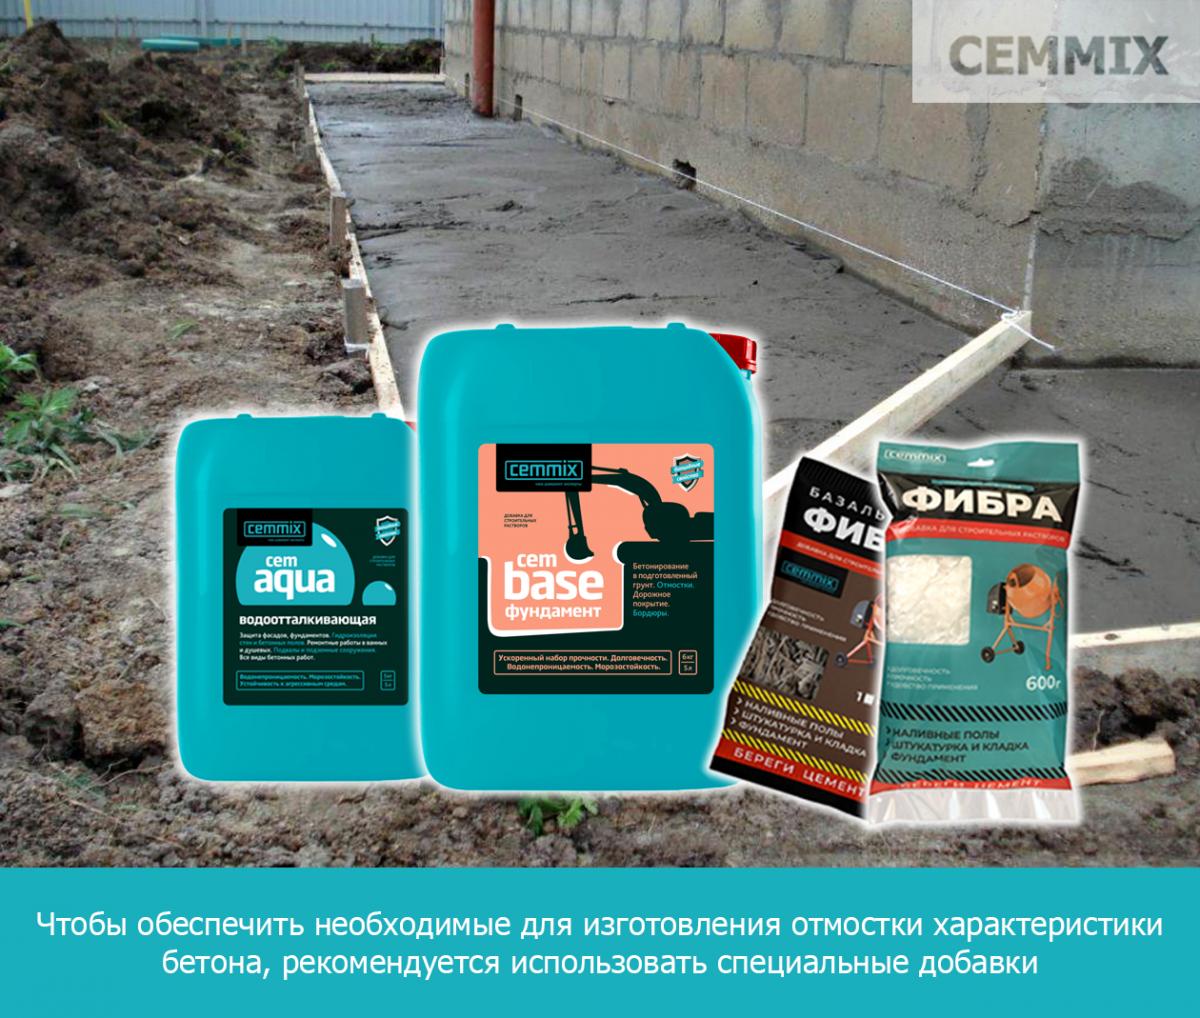 Чтобы обеспечить необходимые для изготовления отмостки характеристики бетона, рекомендуется использовать специальные добавки